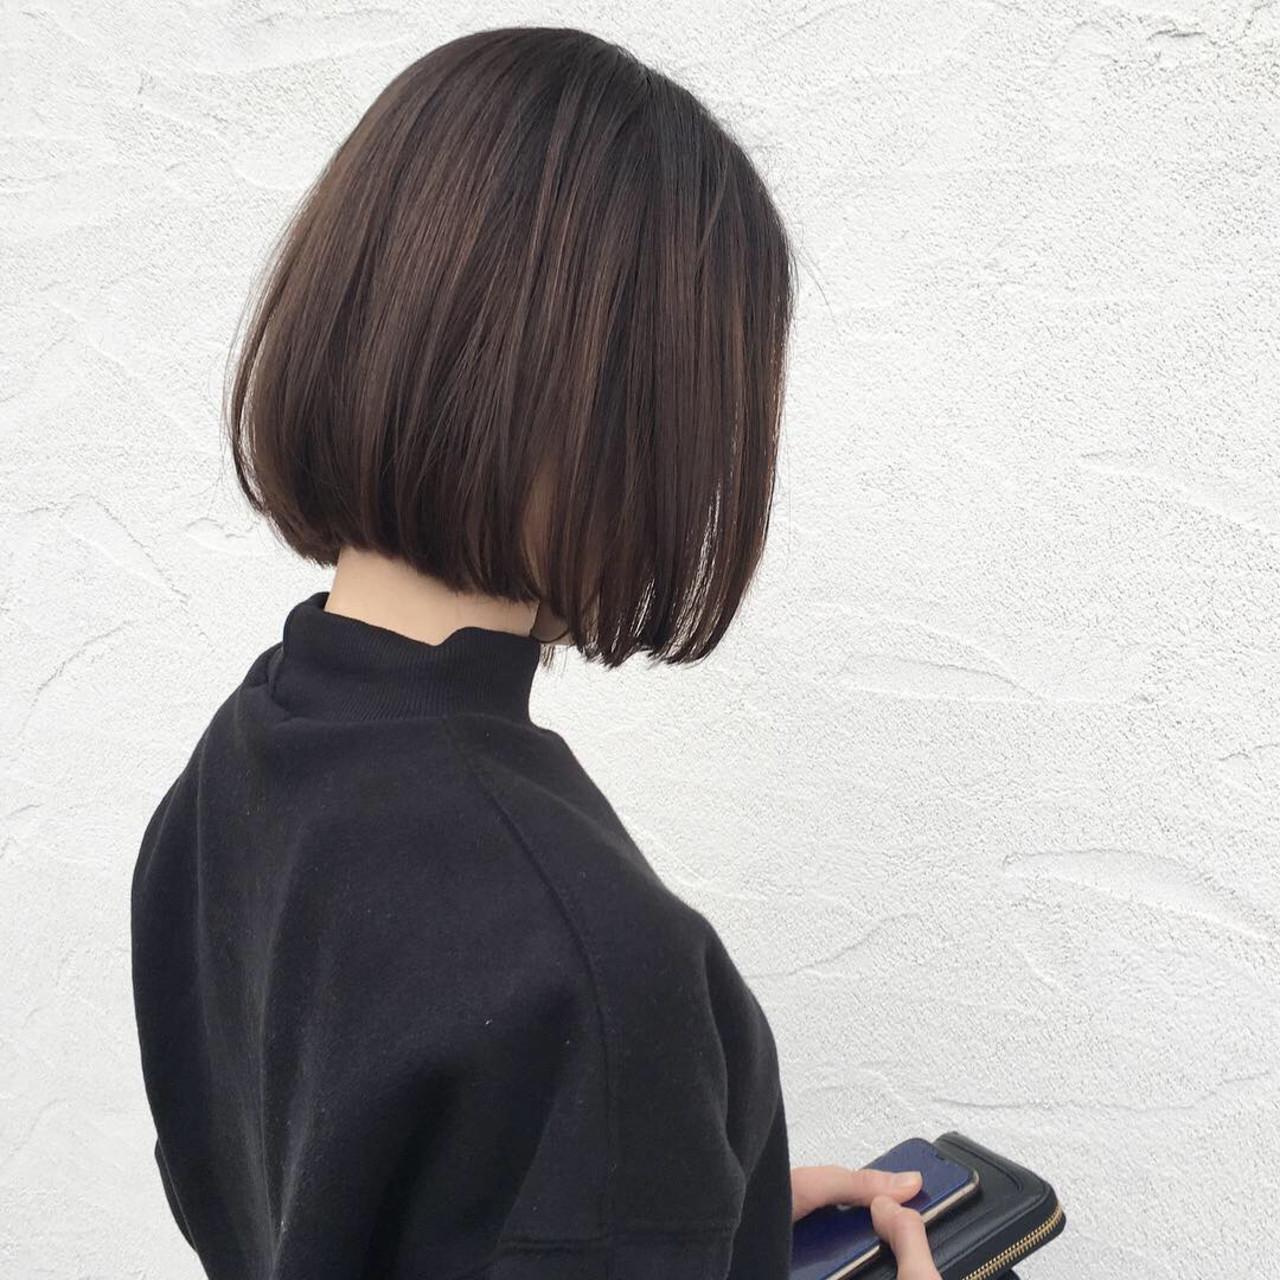 ナチュラル ミニボブ オフィス 大人可愛い ヘアスタイルや髪型の写真・画像 | 原田あゆみ / coquille/コキーユ